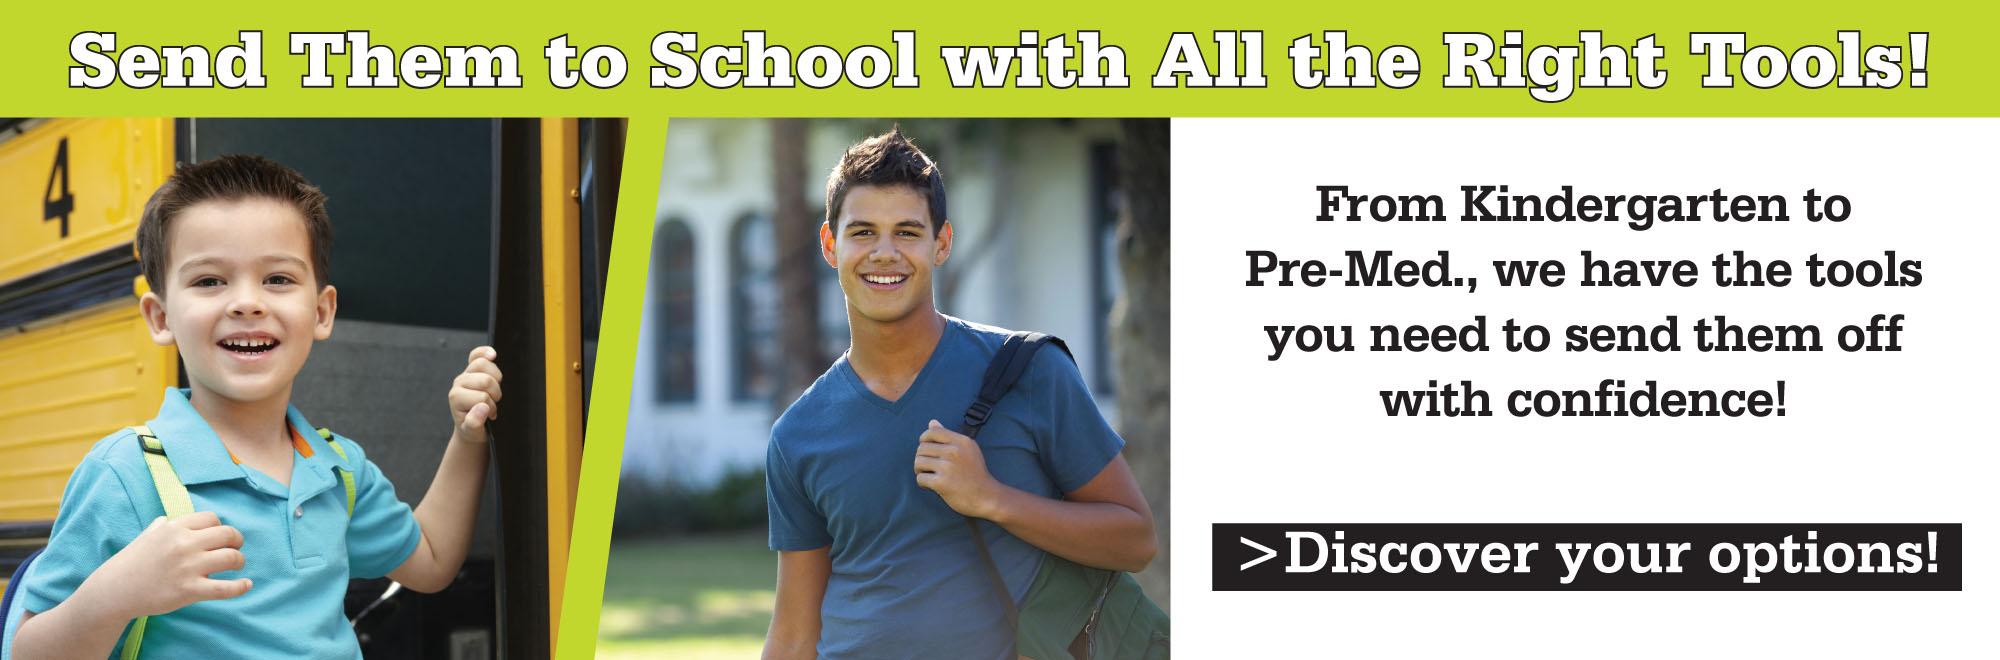 Back to school loan offer